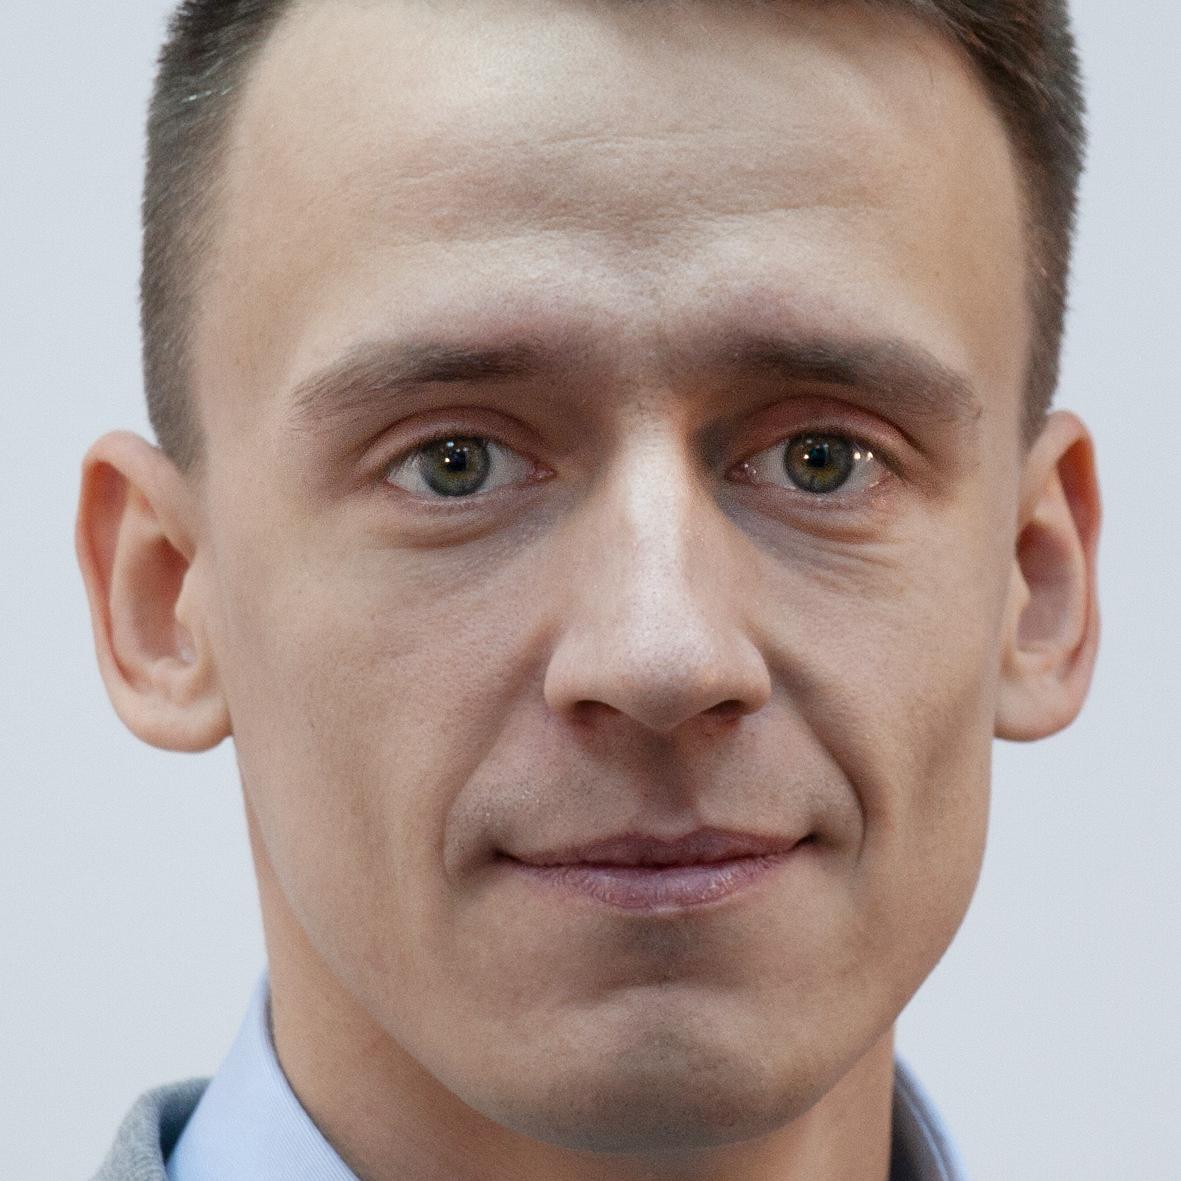 Георгий Водяшко, Актив sq